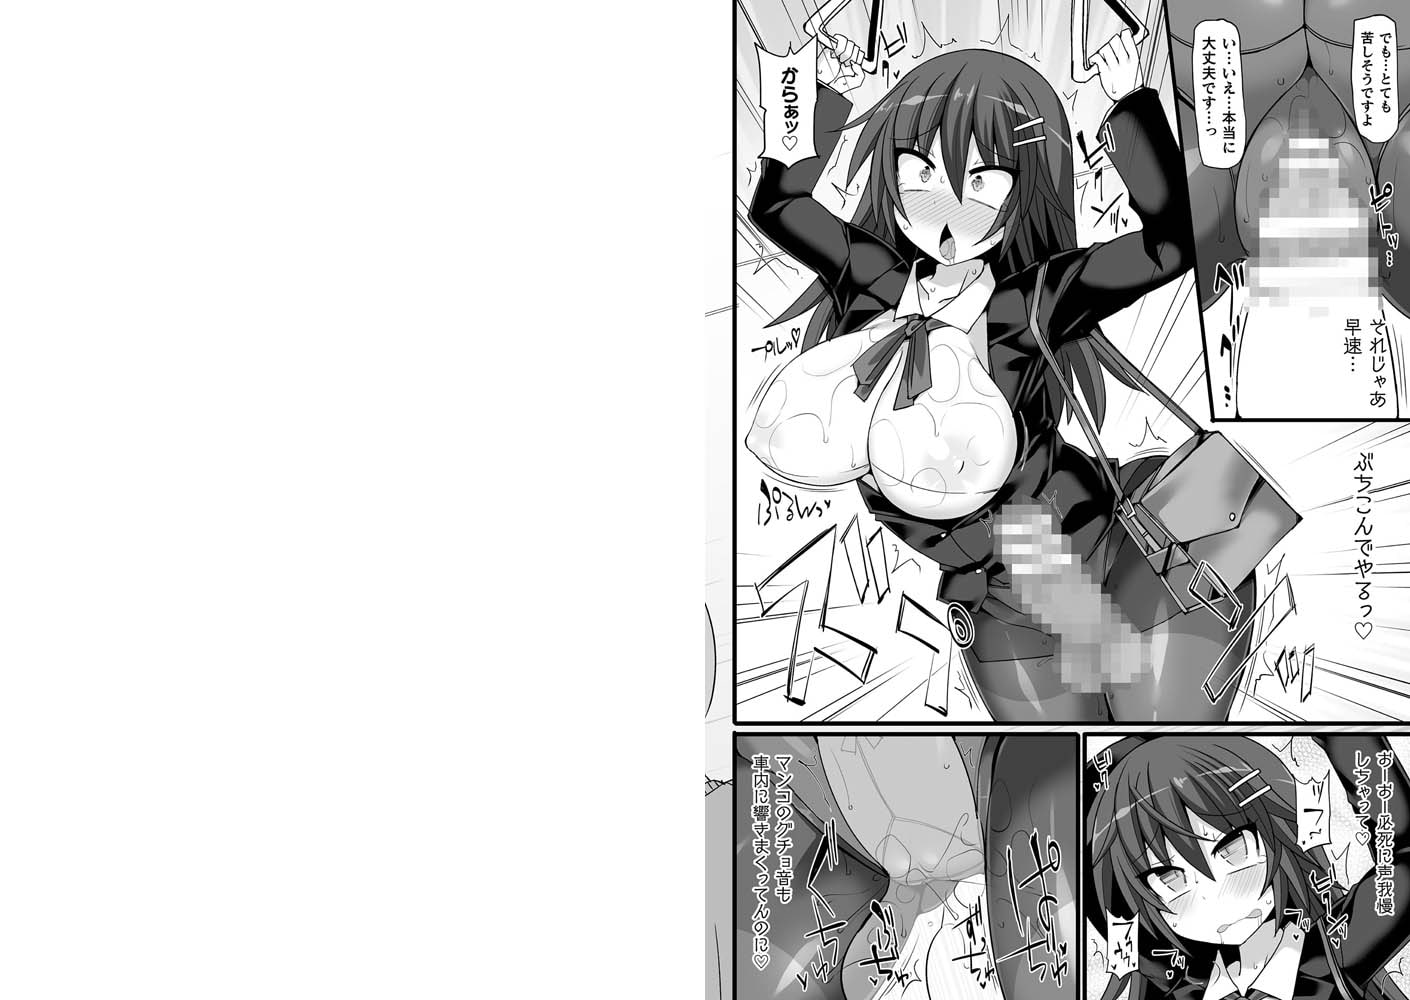 闘姫屈服 ~アヘイキ乙女絶頂敗北~